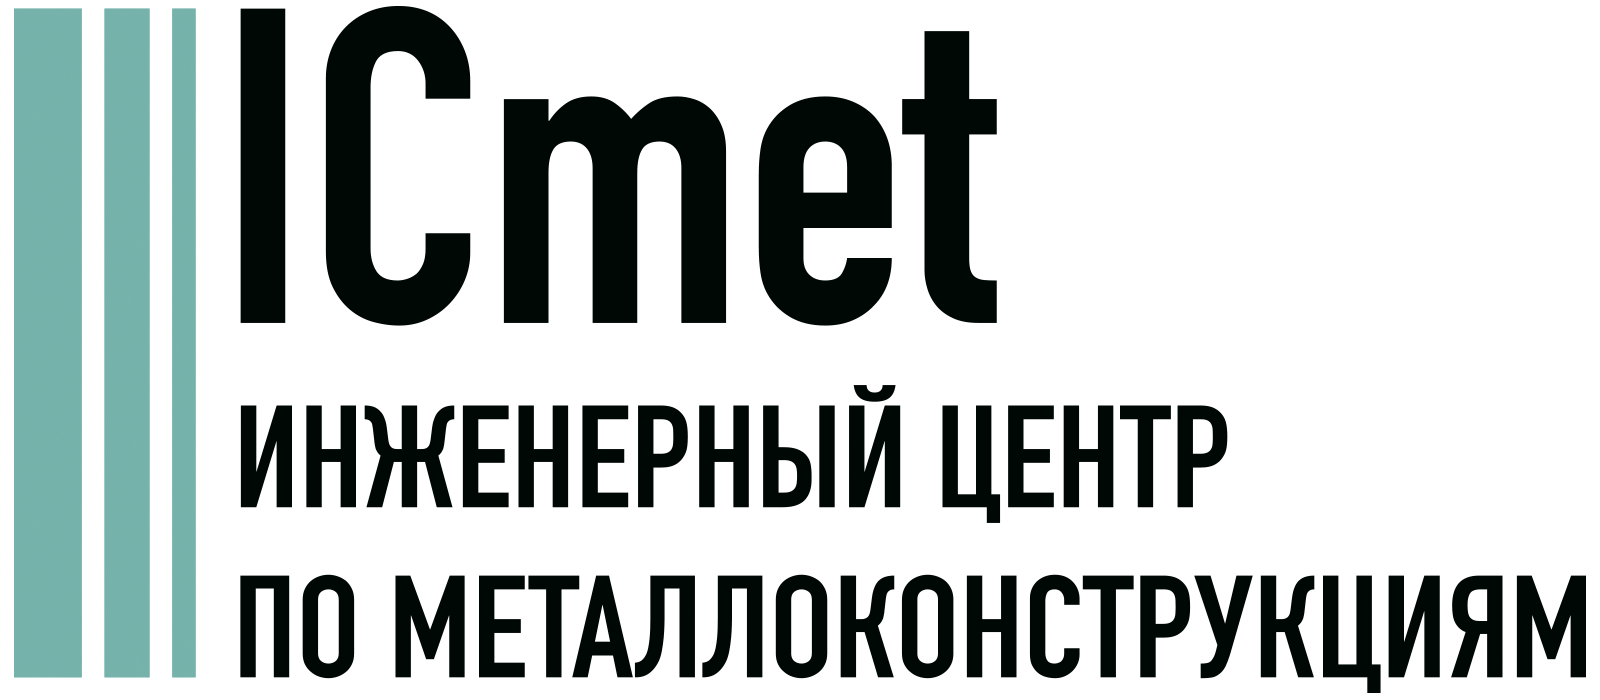 Проектирование металлоконструкций в Твери